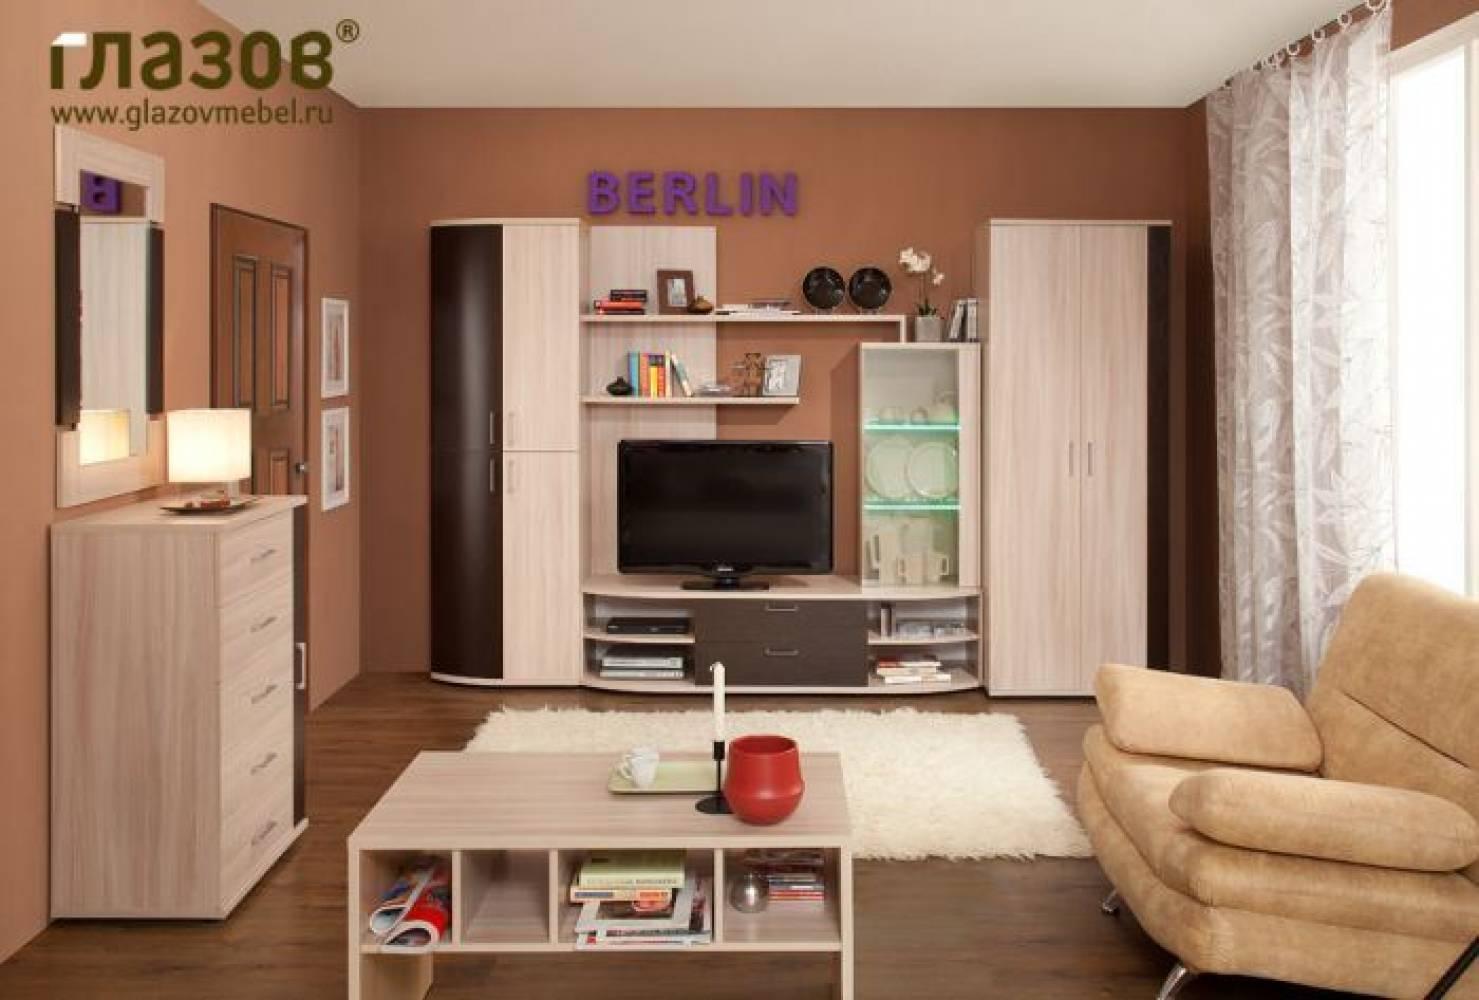 Гостиная BERLIN Берлин (композиция 2)